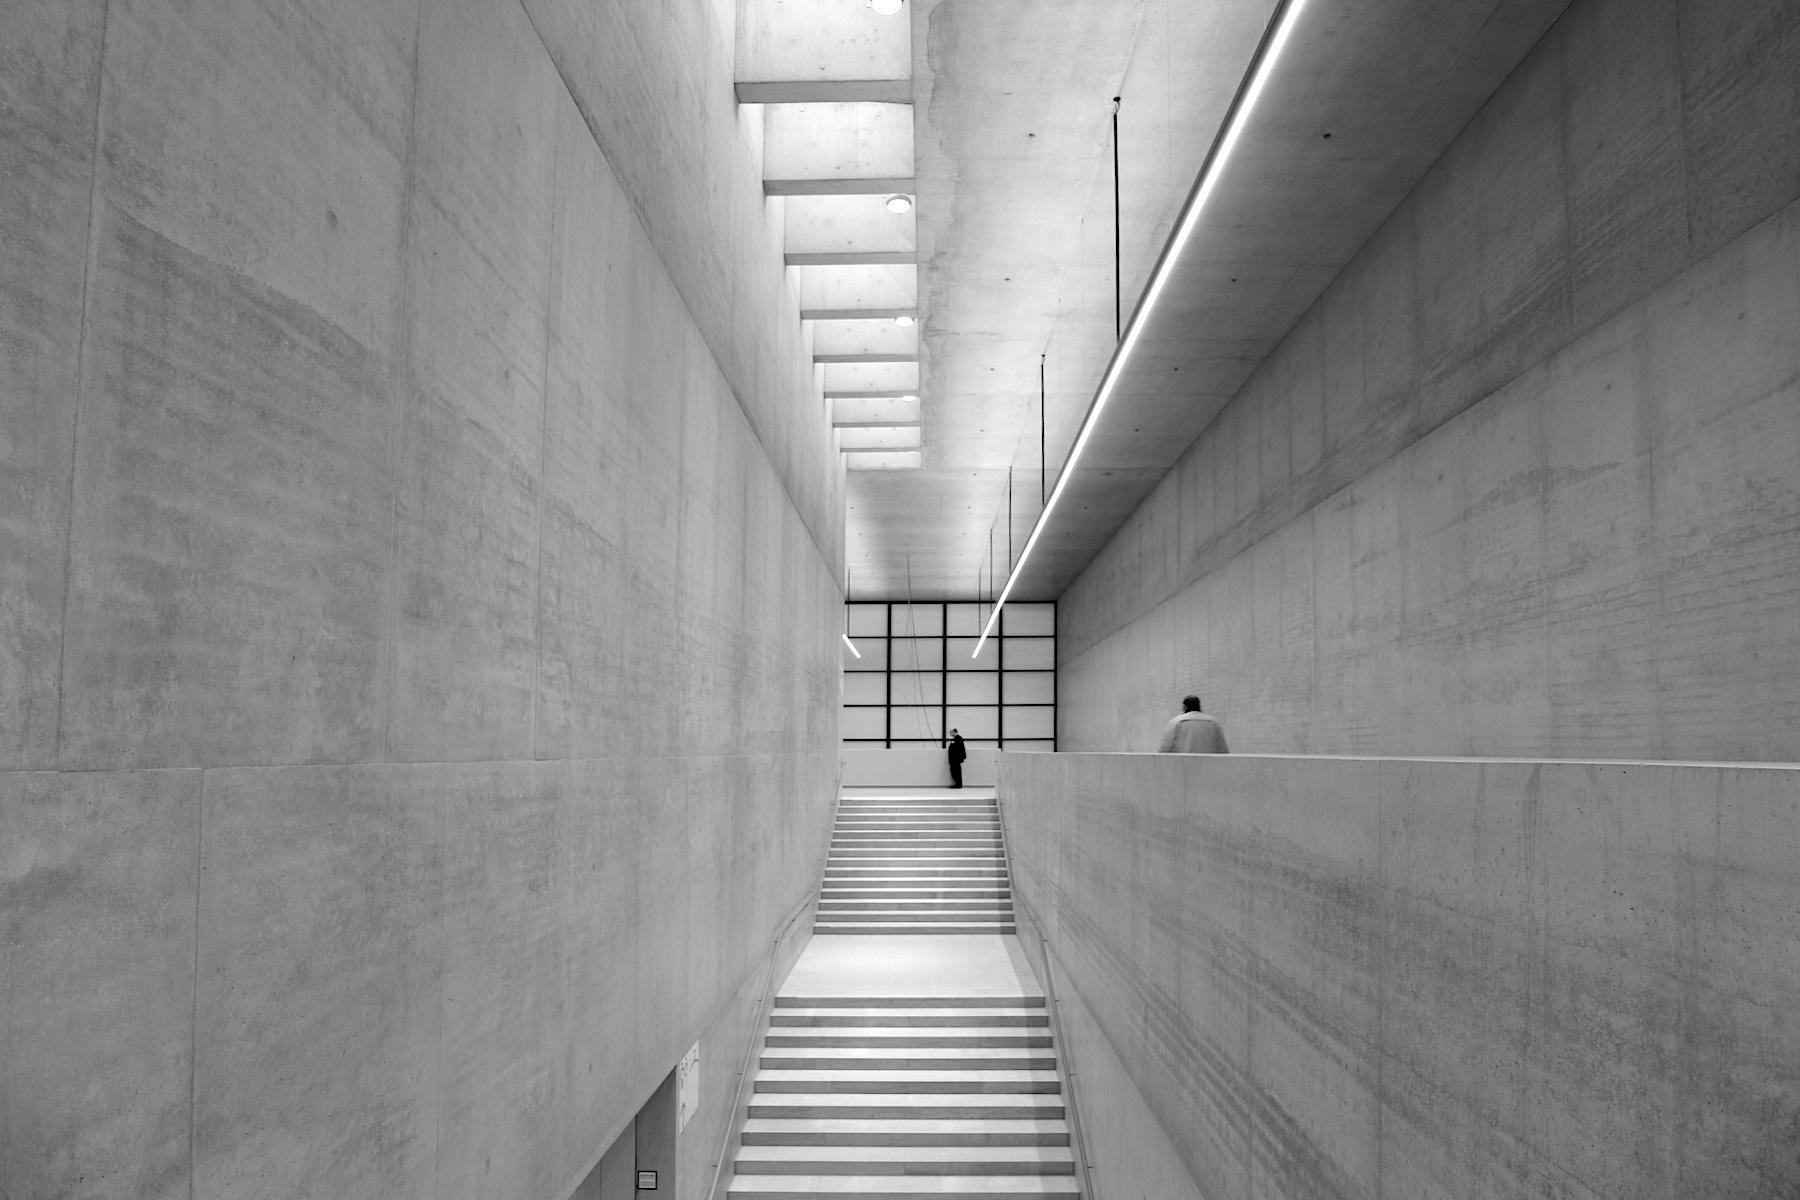 James-Simon-Galerie. Im Inneren prägen Sichtbetonwände und ...